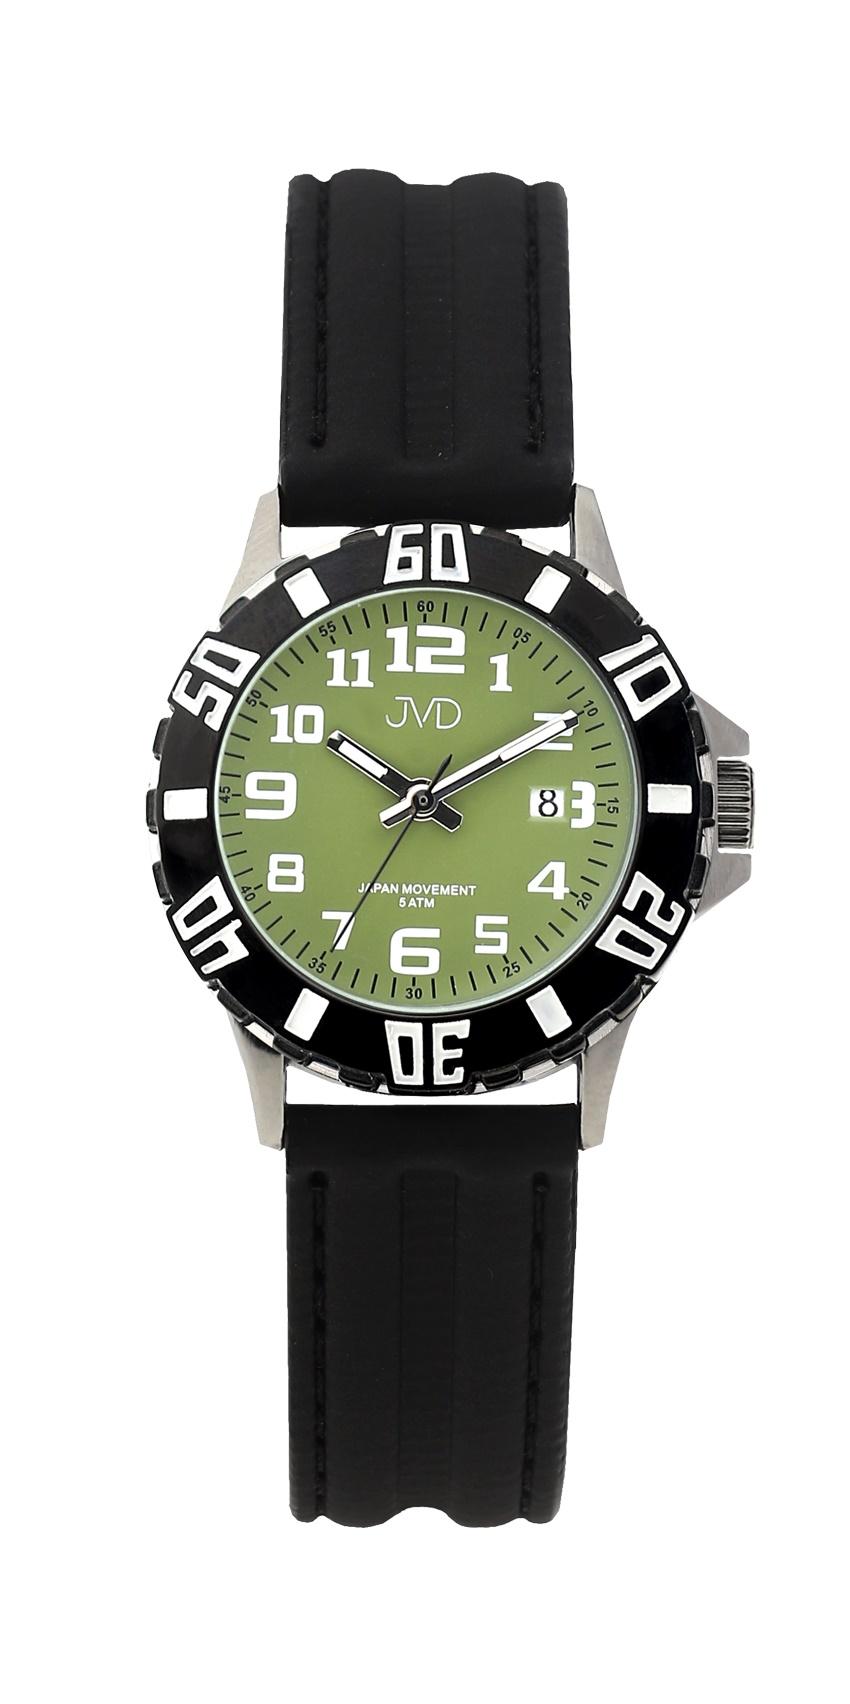 Černé chlapecké vodoodolné dětské náramkové hodinky JVD J7176.5 (zelený číselník)